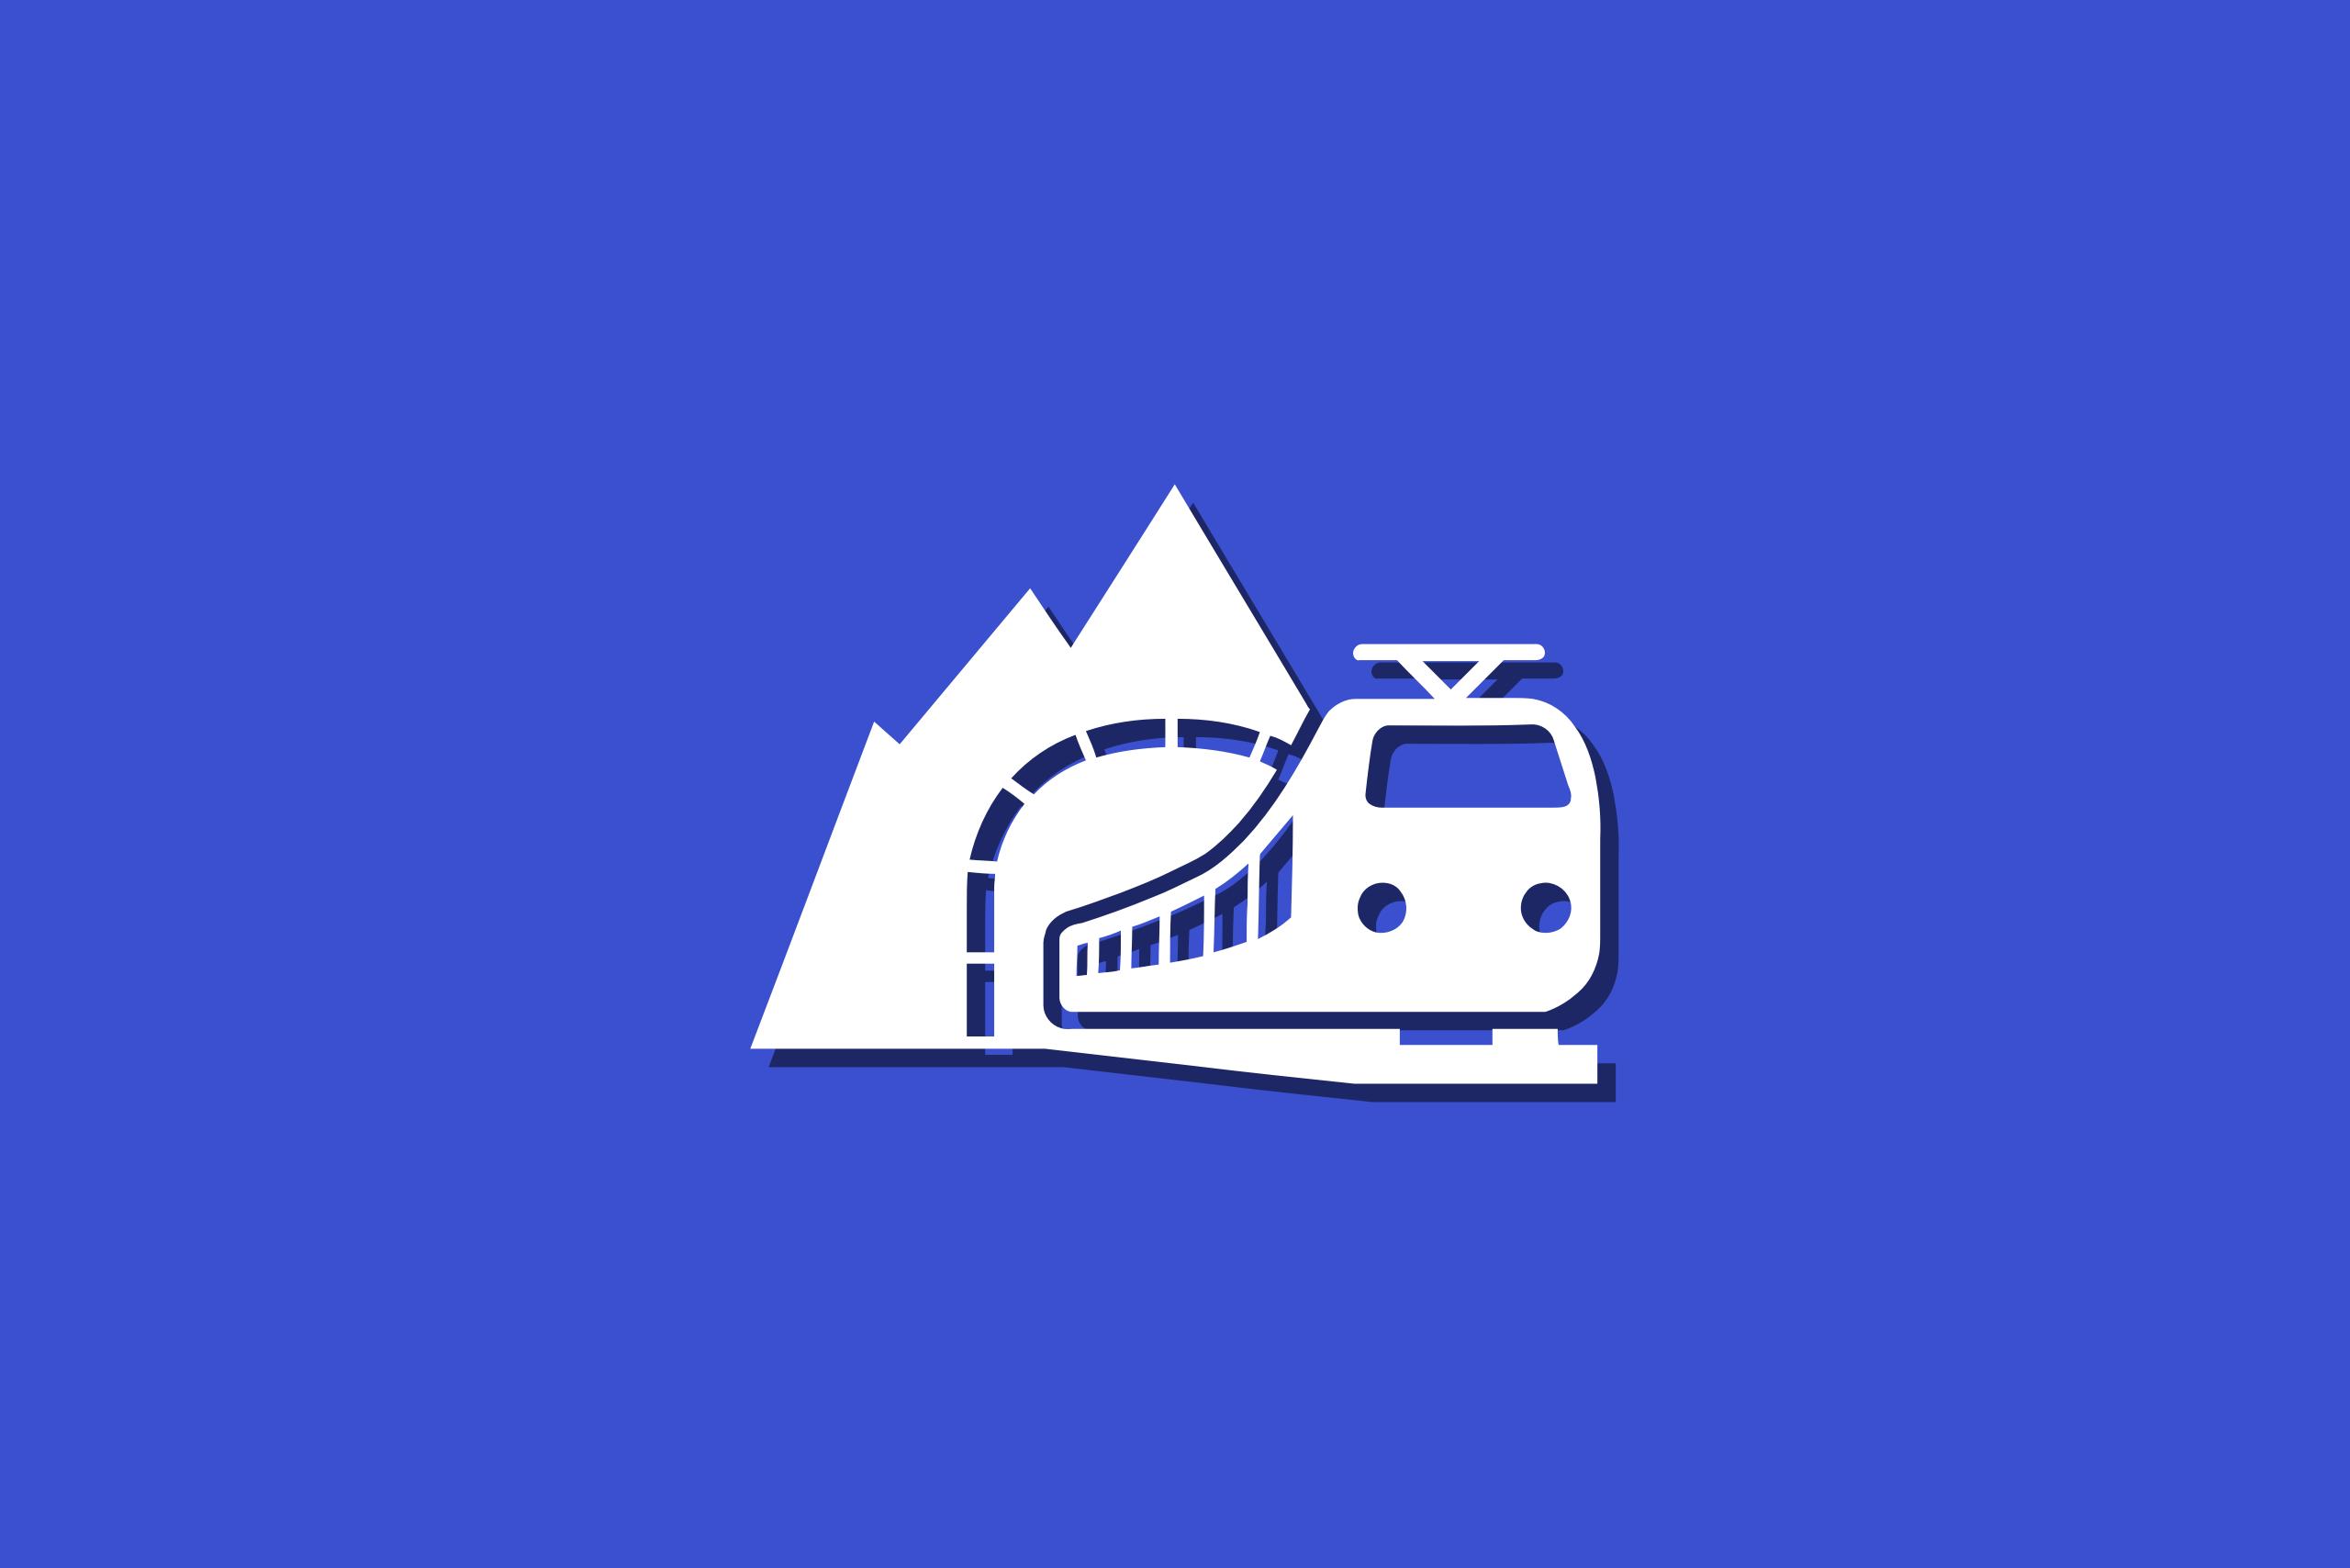 Interrail: vacaciones baratas y completas